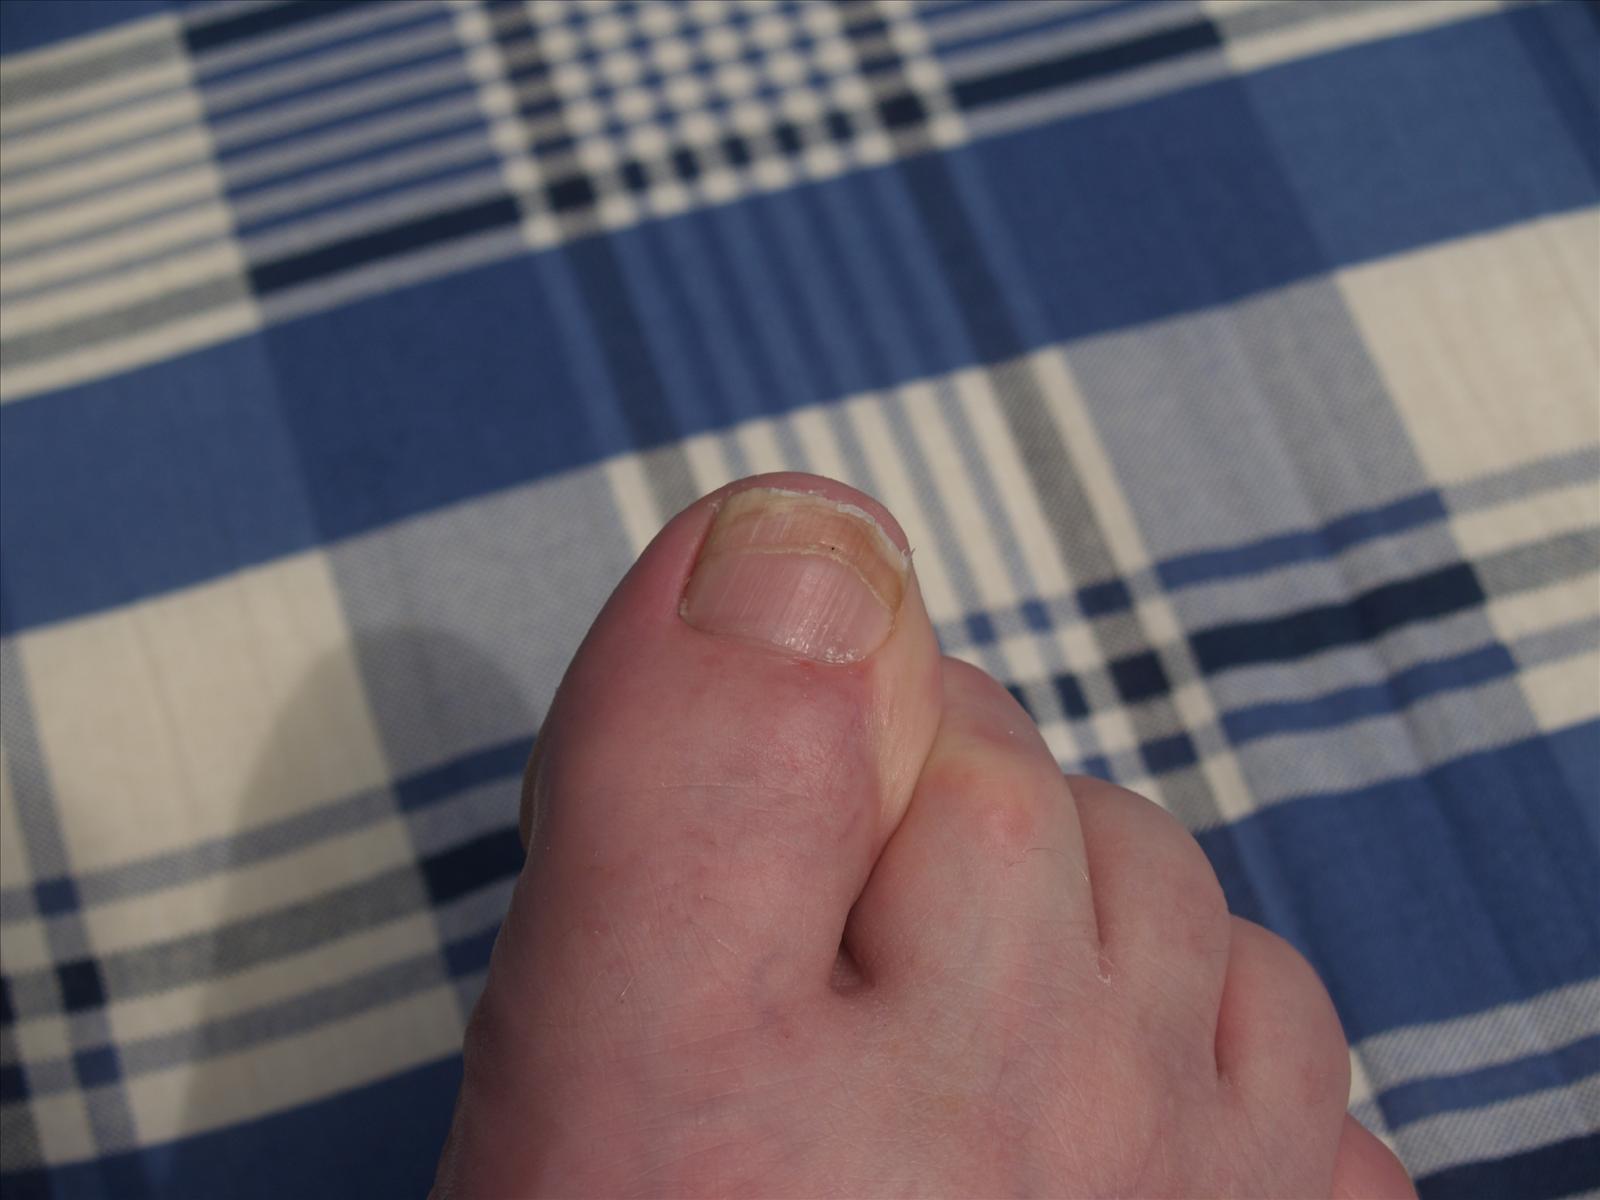 delade naglar vitaminbrist